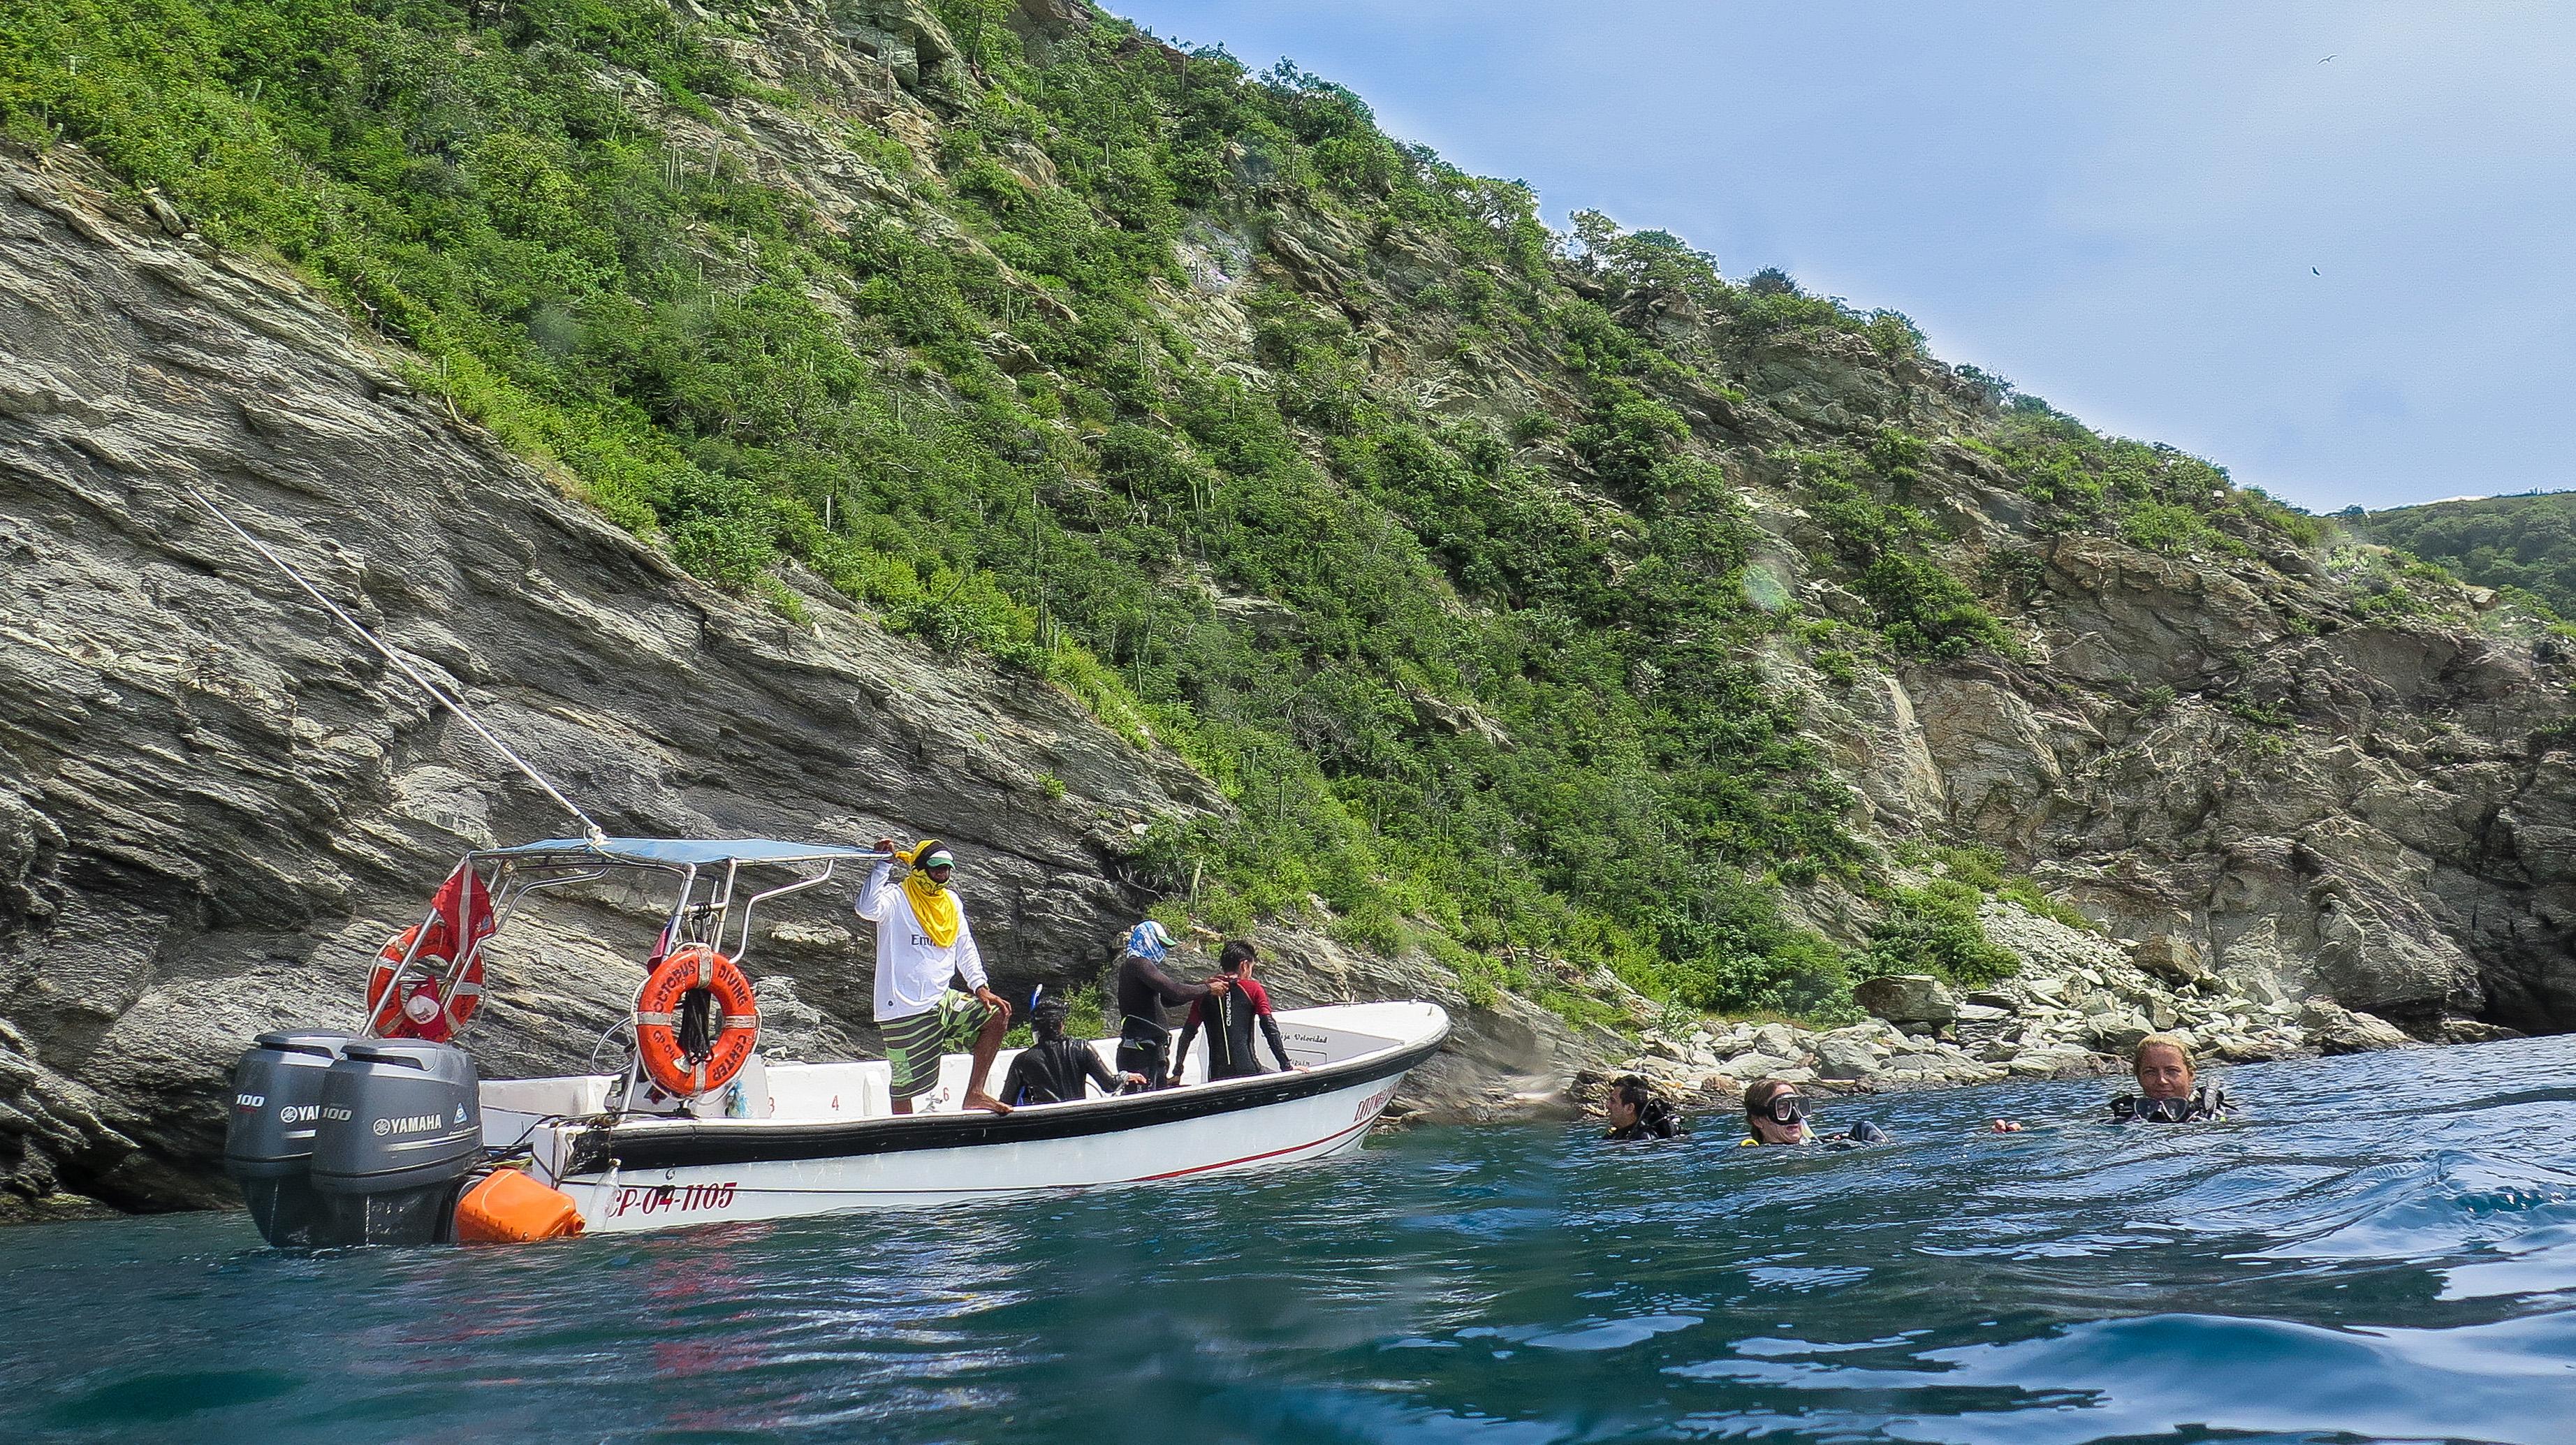 diving-boat-and-divers-taganga-colombia-tayrona-national-park-caribbean-sea